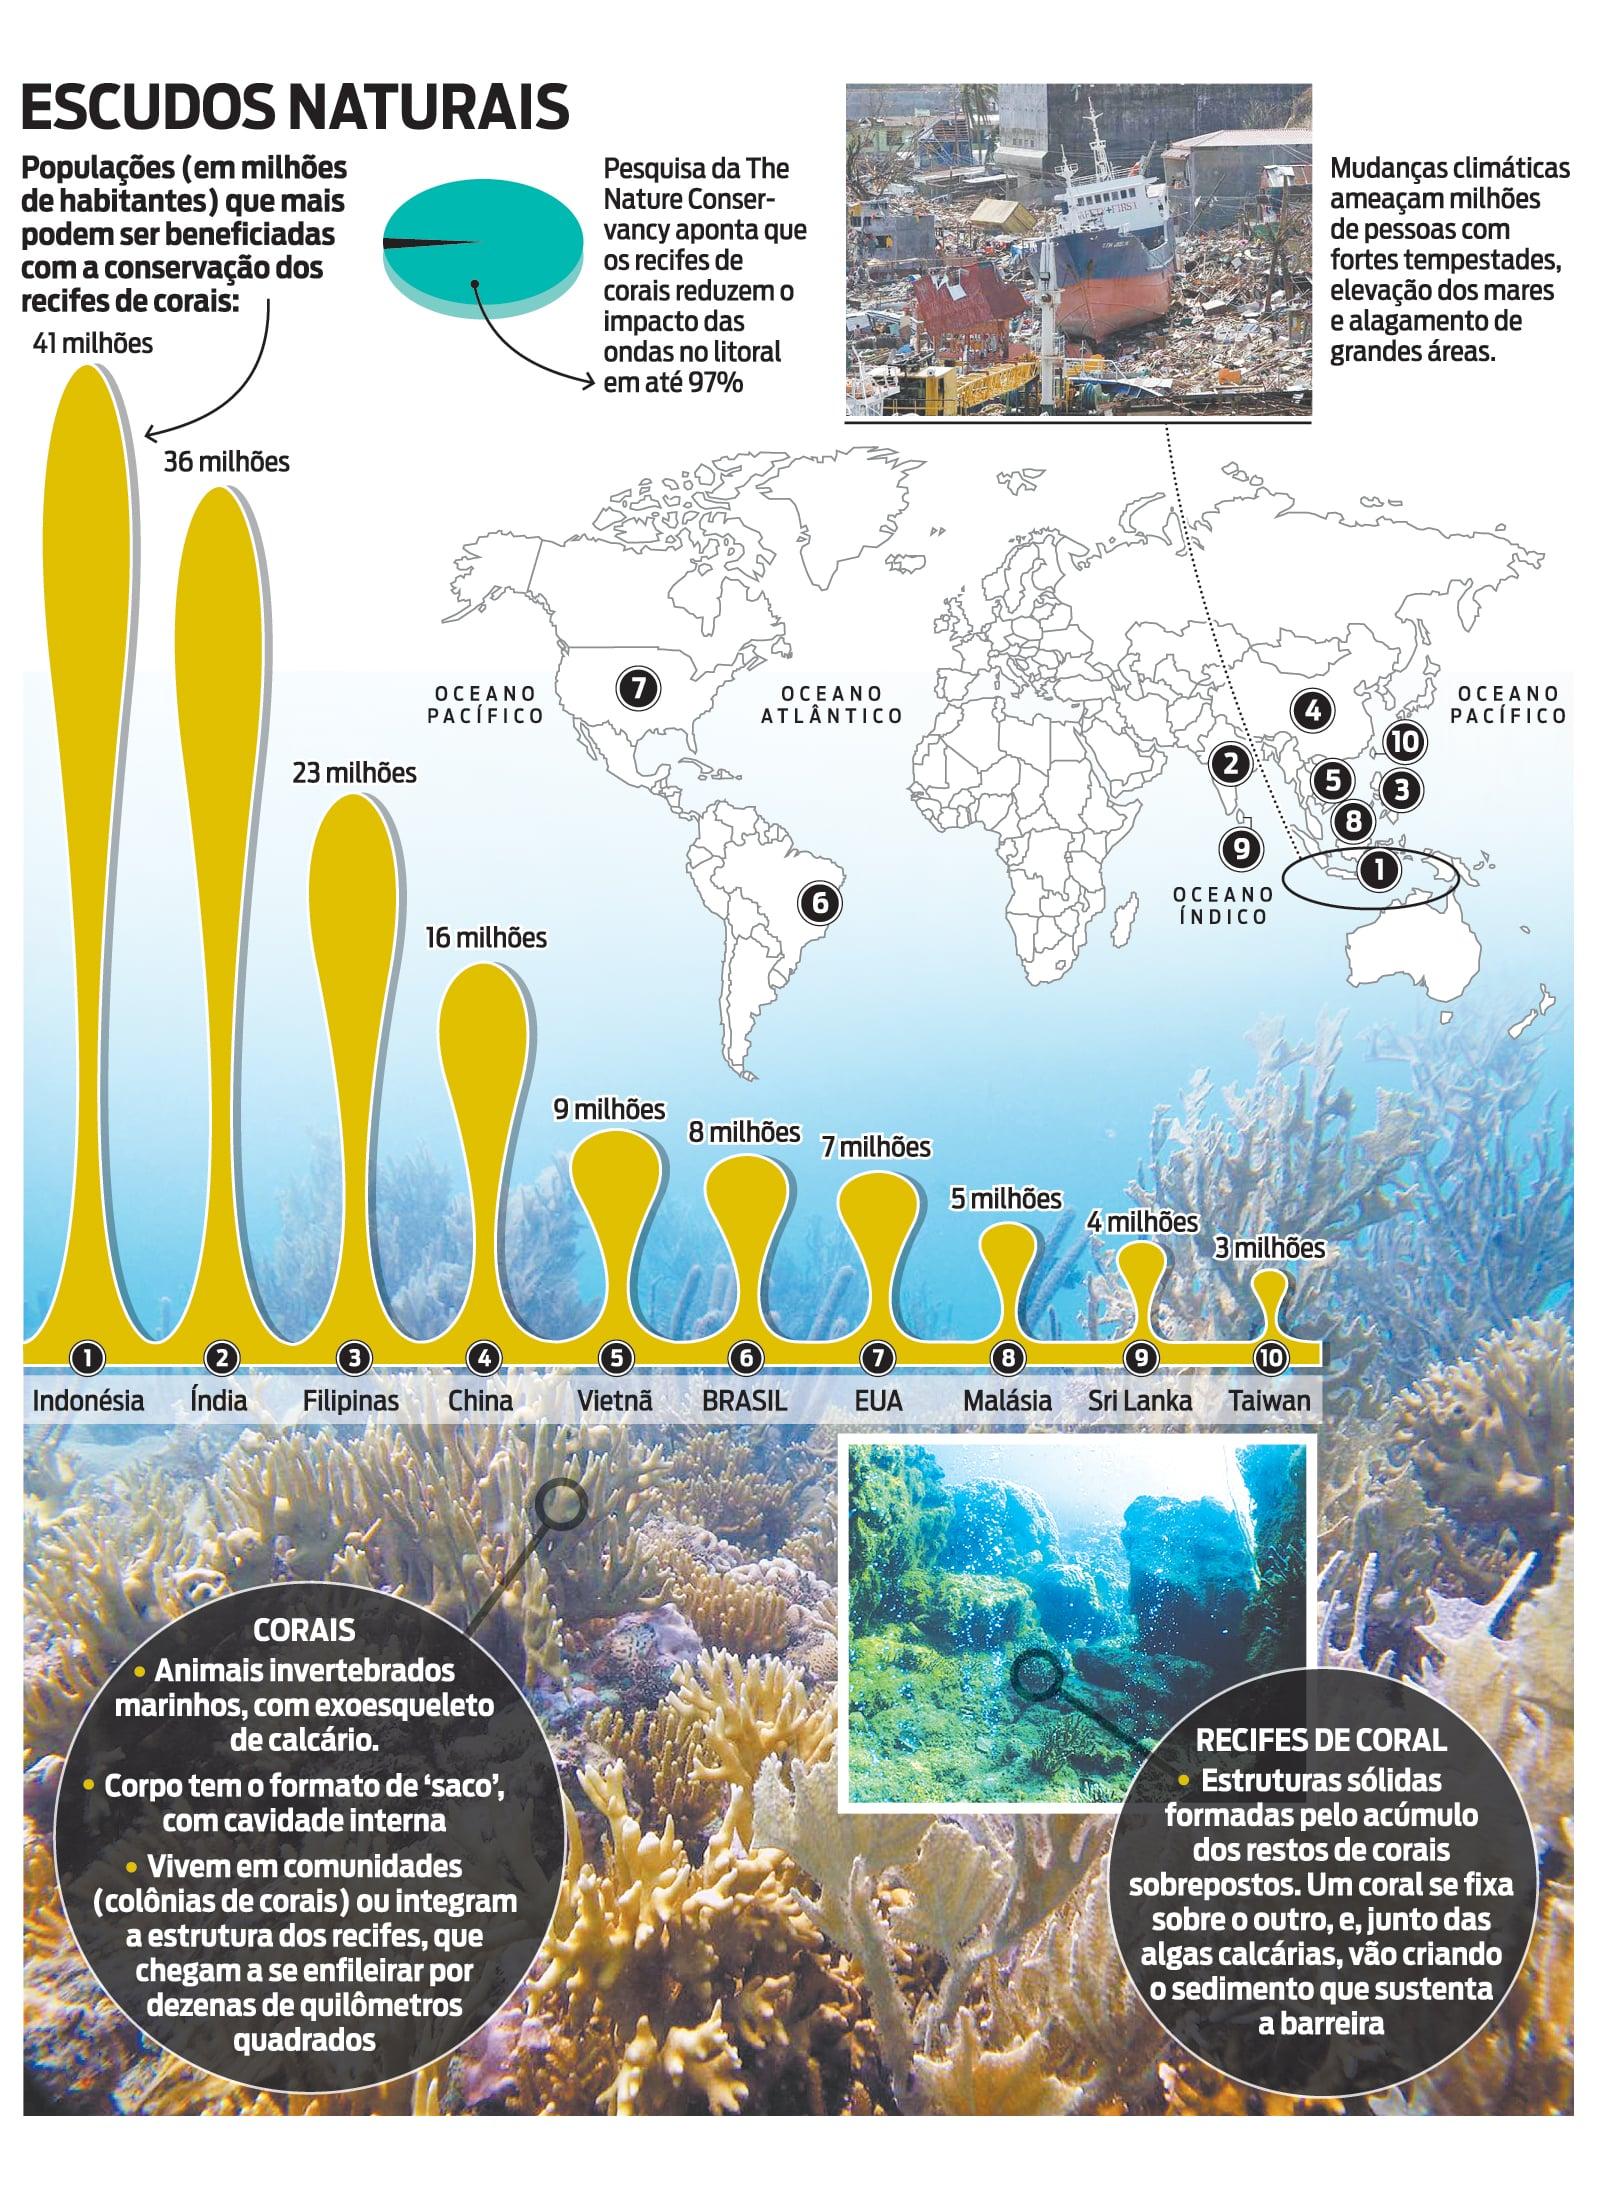 Corais ajudam a protejer cidades costeiras • Corais ajudam a protejer cidades costeiras